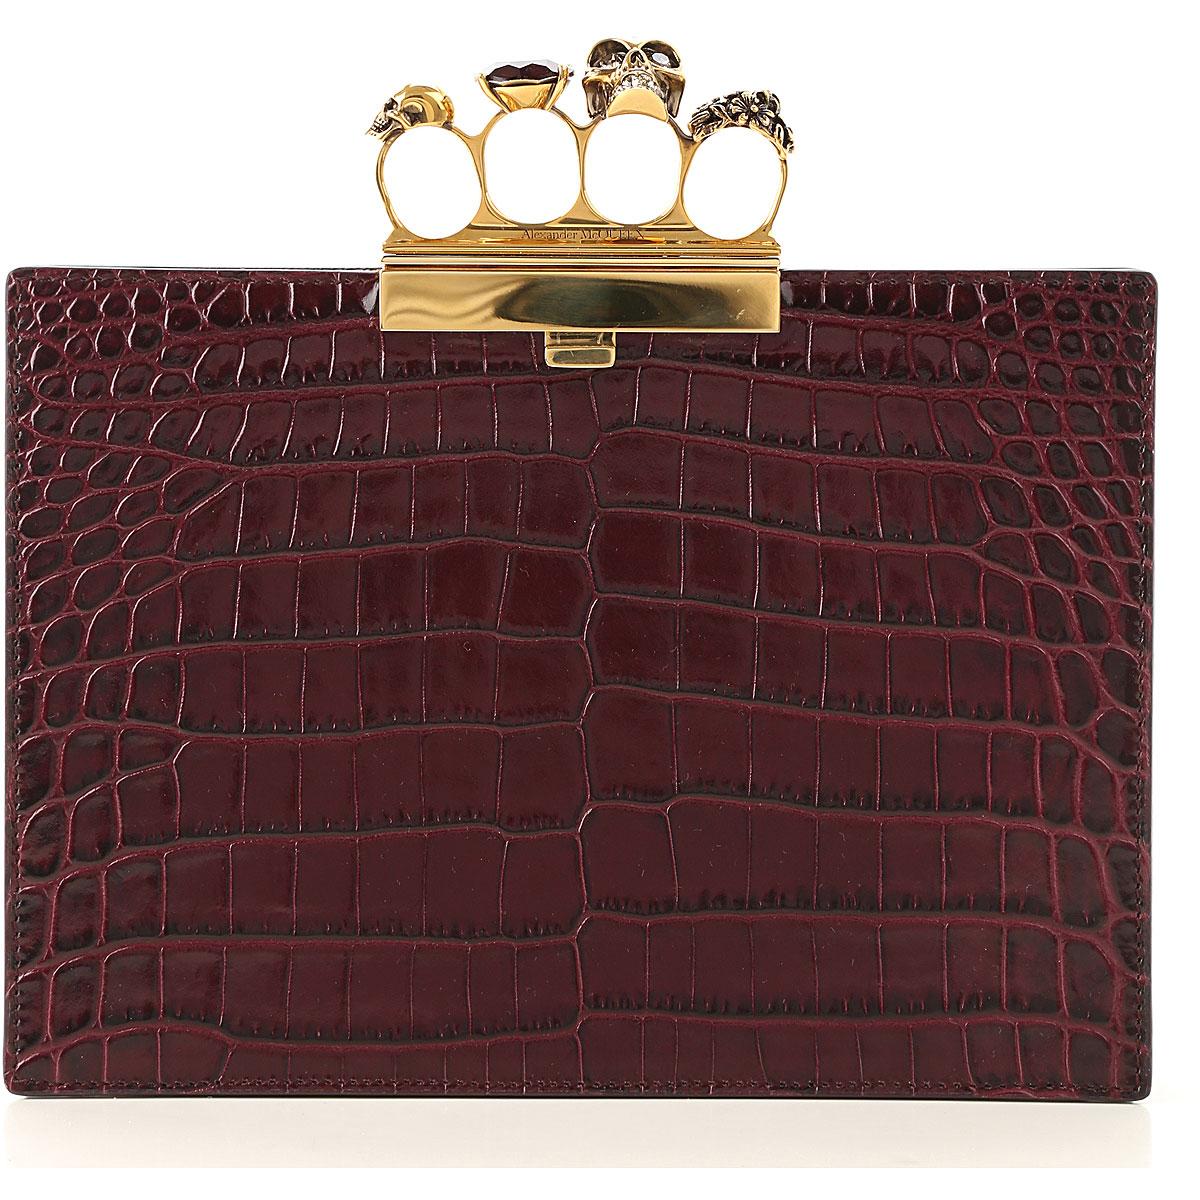 Alexander McQueen Clutch Bag, Velvet Red, Leather, 2017